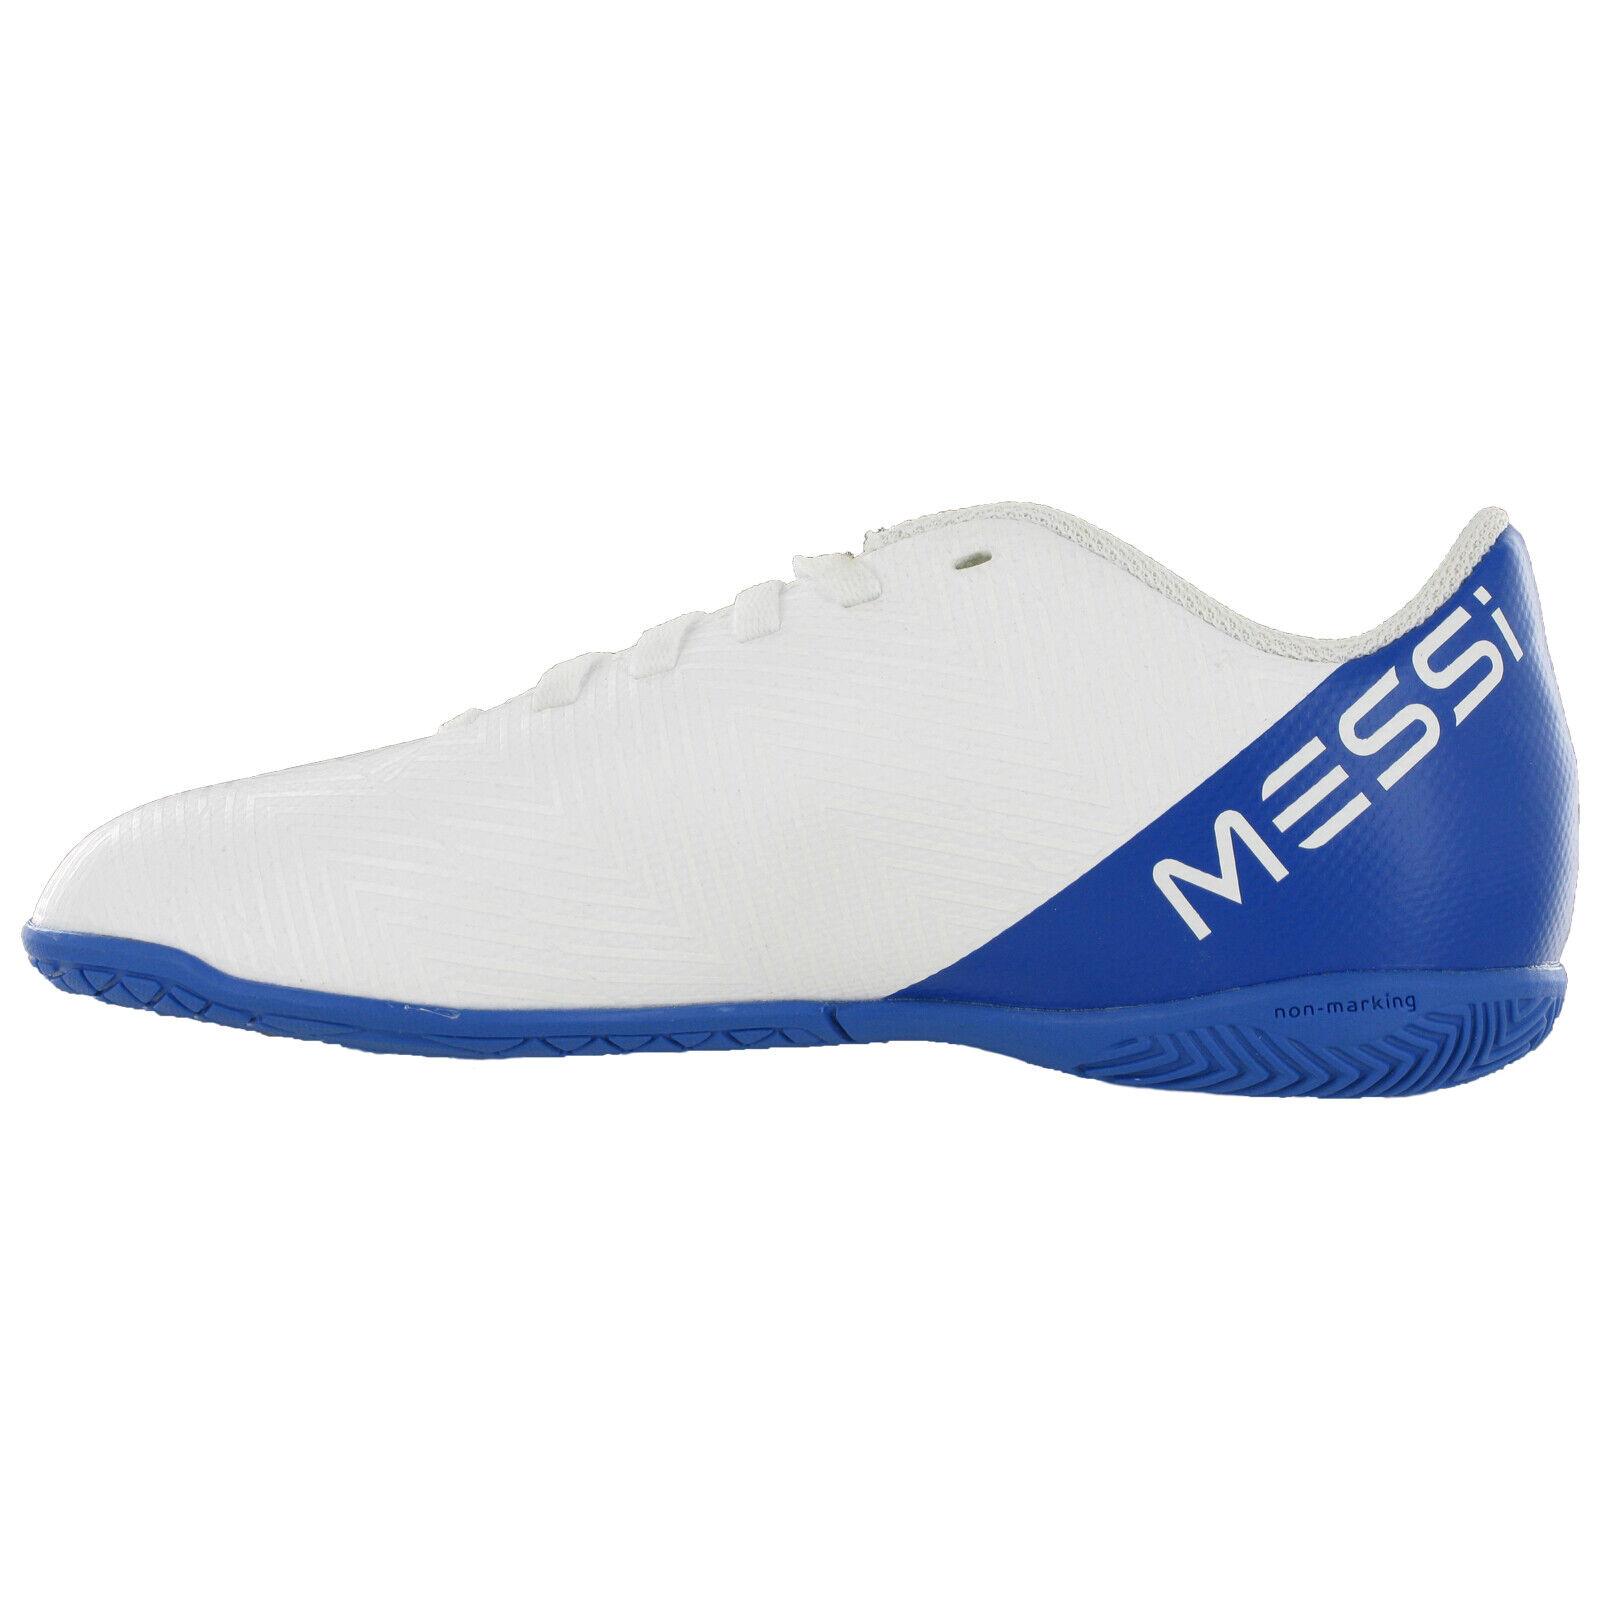 Détails sur Adidas Nemeziz Messi Tango 18.4 I Football Basket Intérieur Junior Chaussures